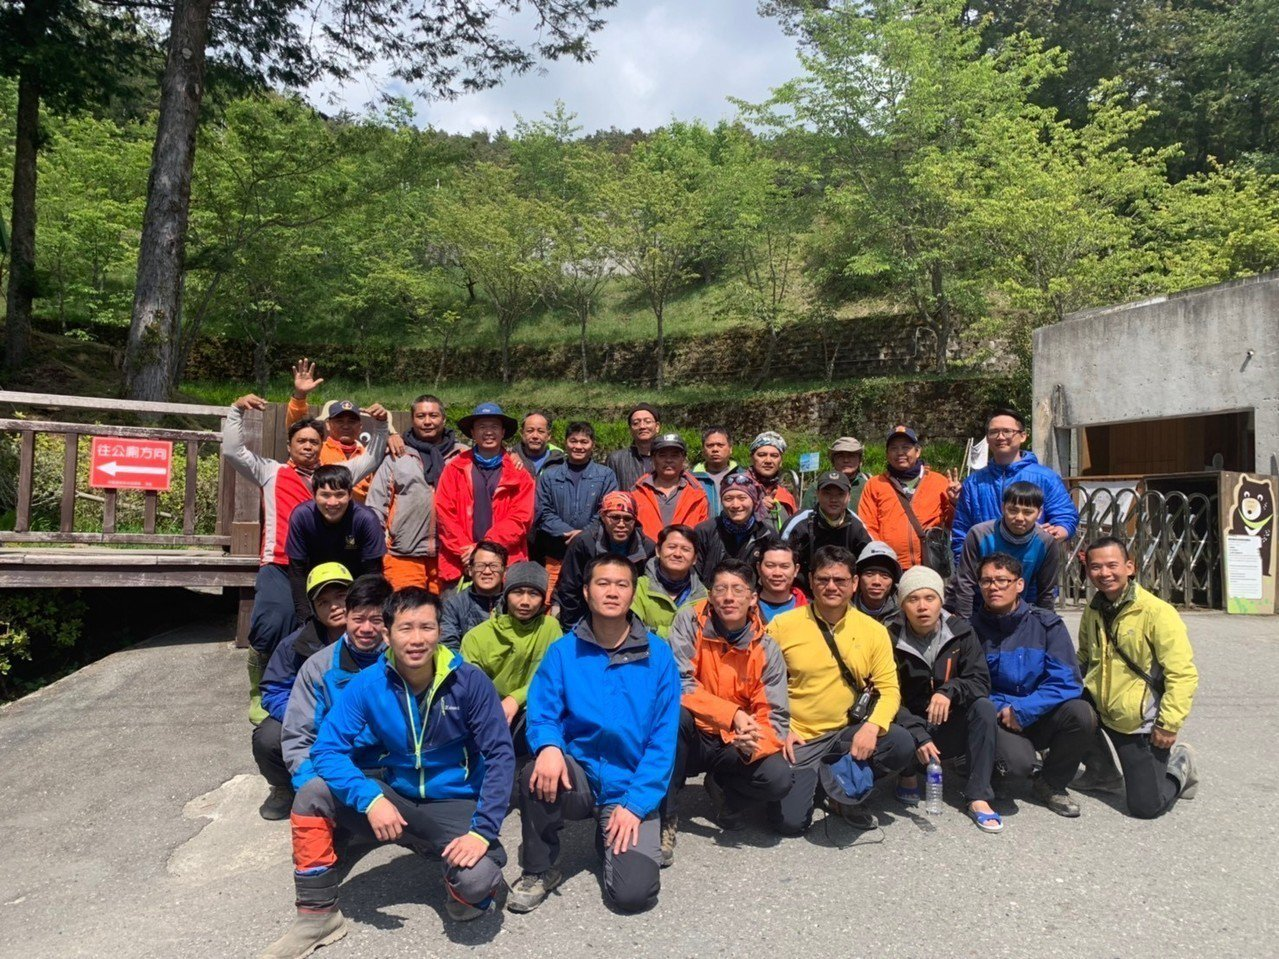 關山消防大隊30名隊員完成3天高山救援訓練後,都留下寶貴經驗。圖/關山大隊提供